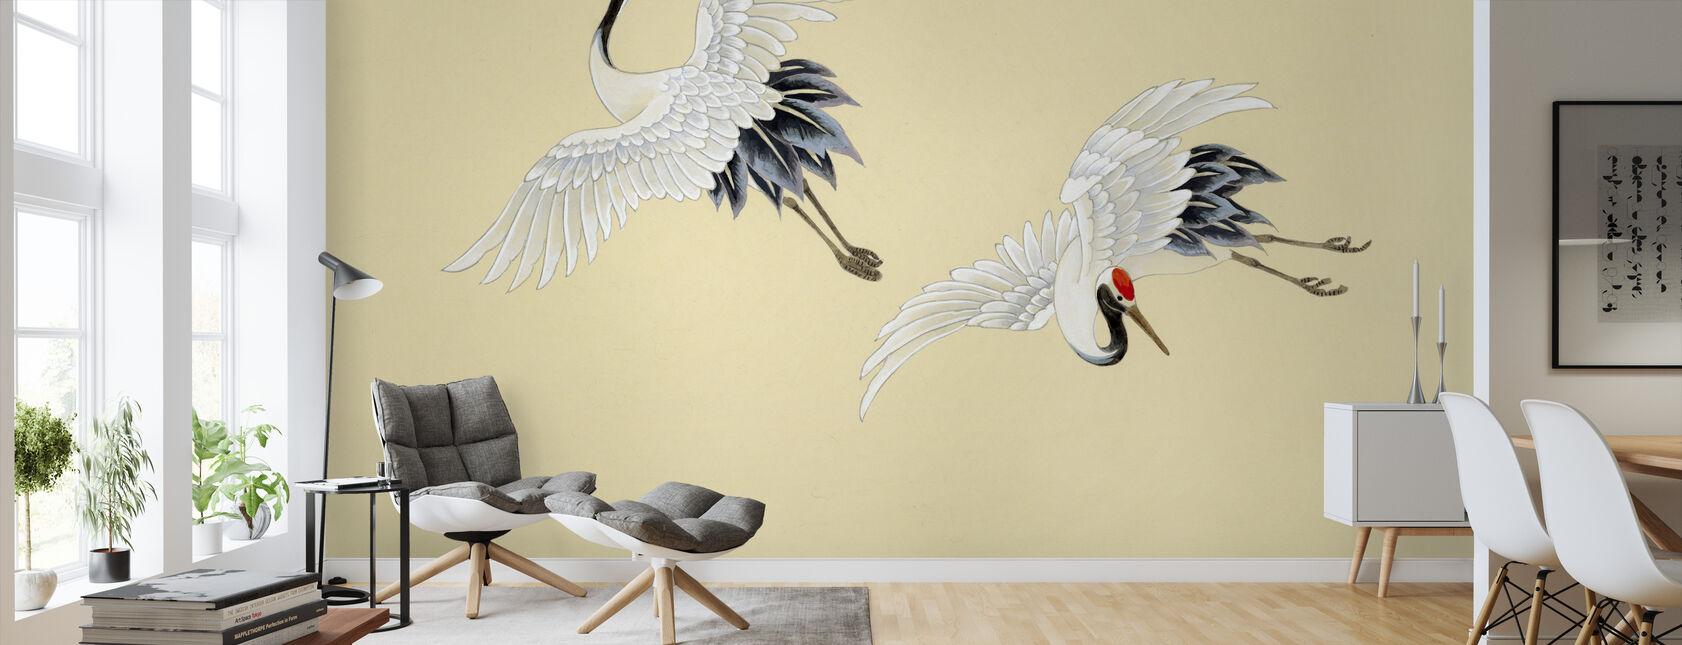 Two Cranes - Wallpaper - Living Room